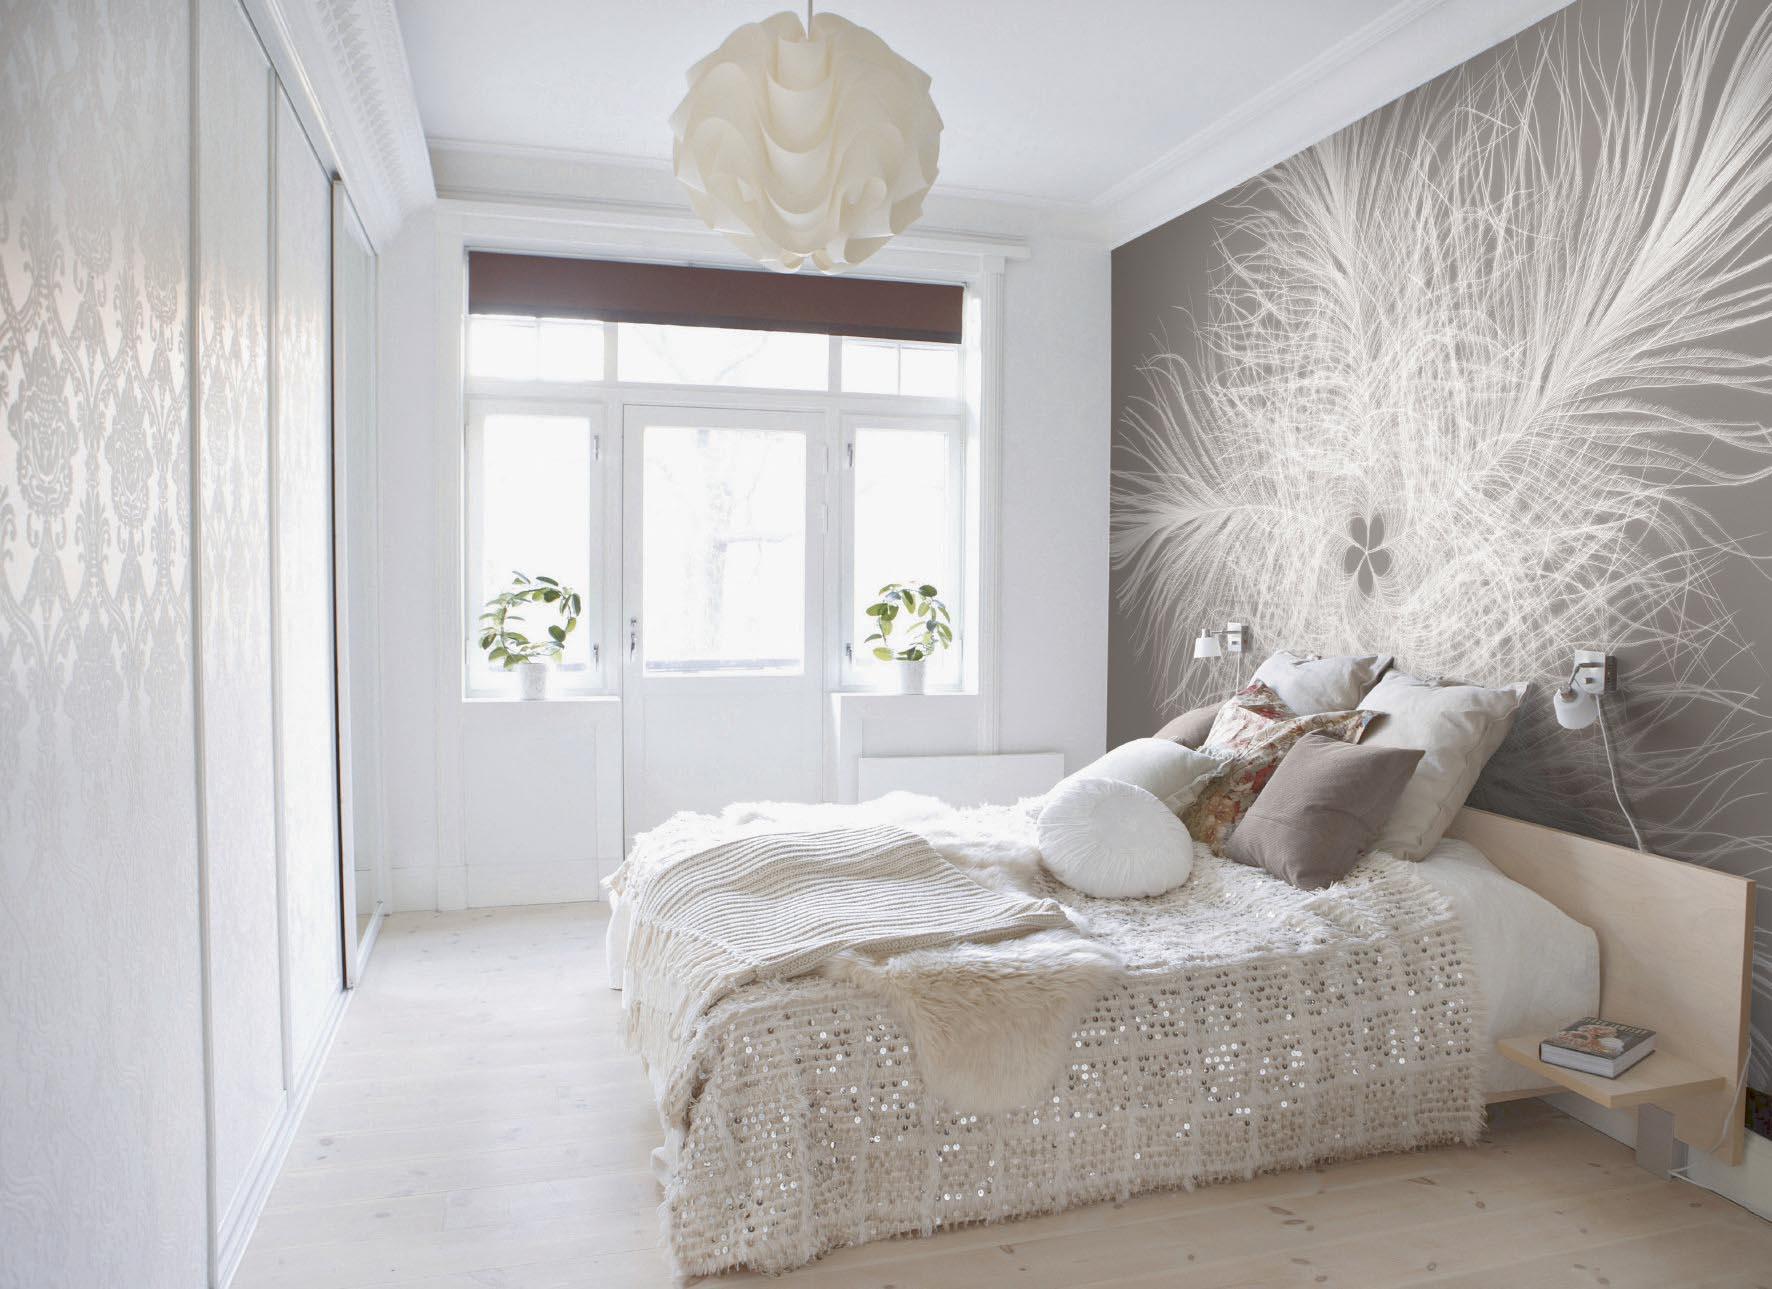 Muster tapete für schlafzimmer – sehremini